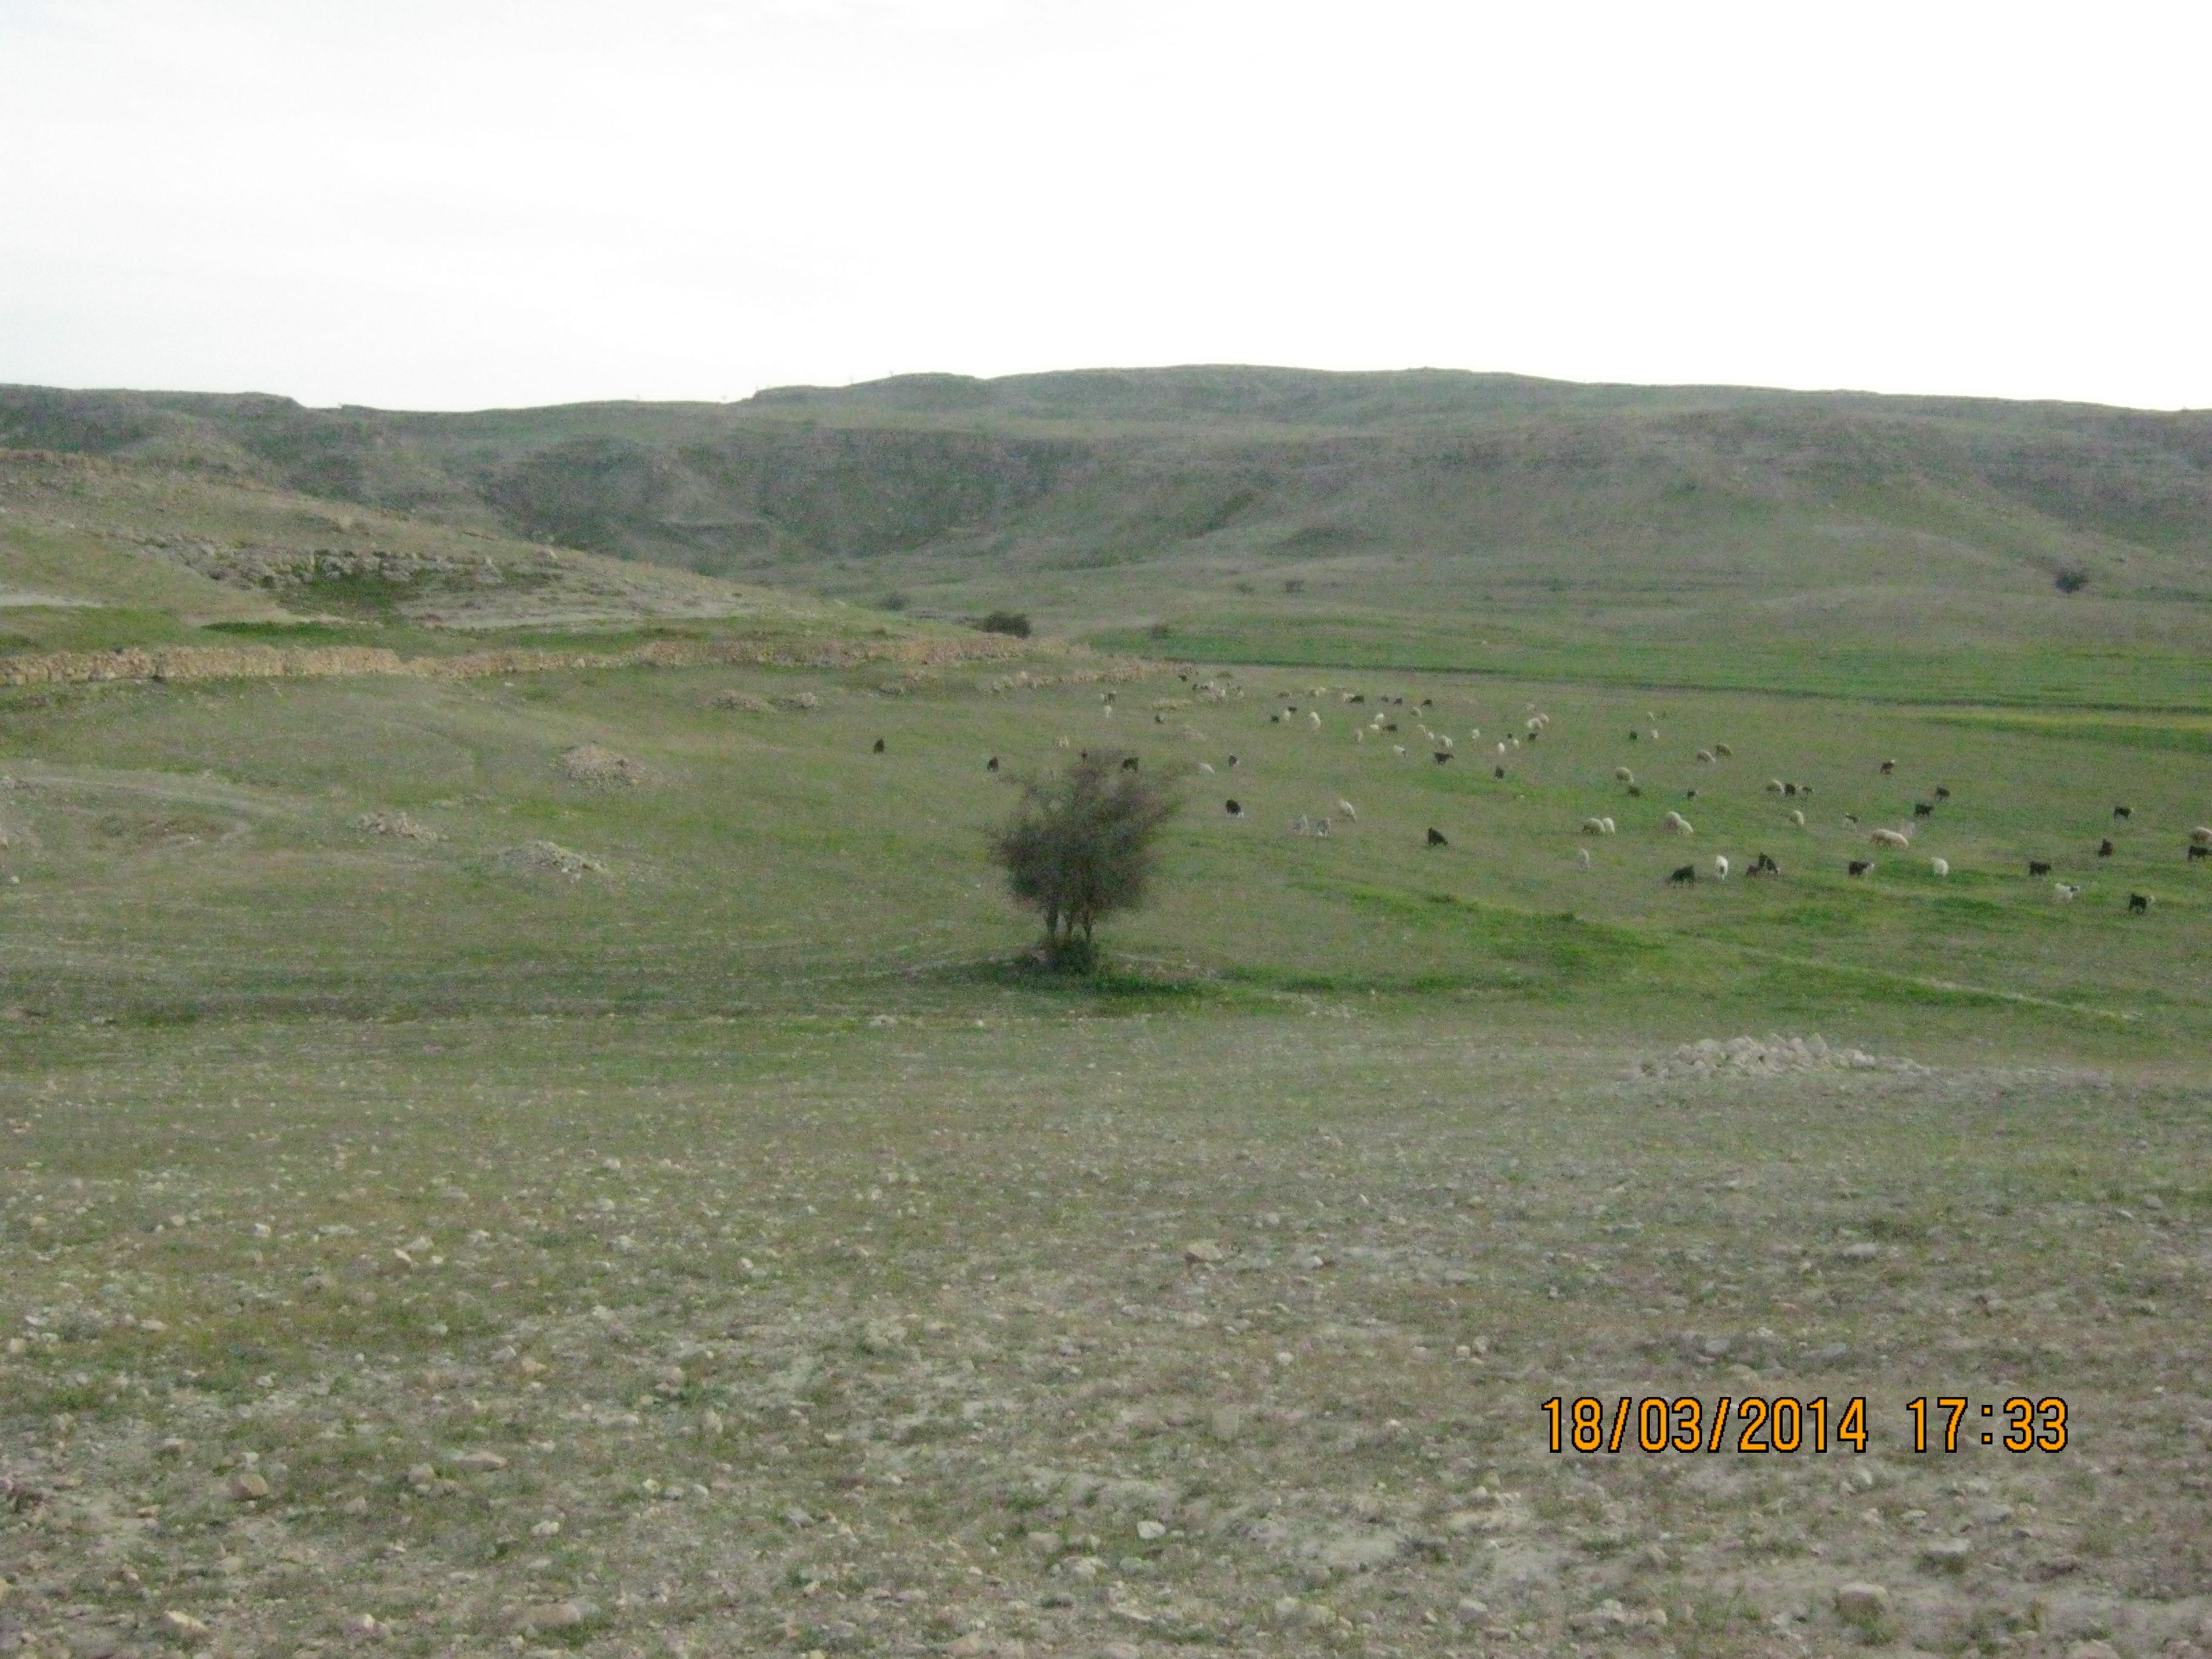 چرای گوسفندان در دشتهای روستا